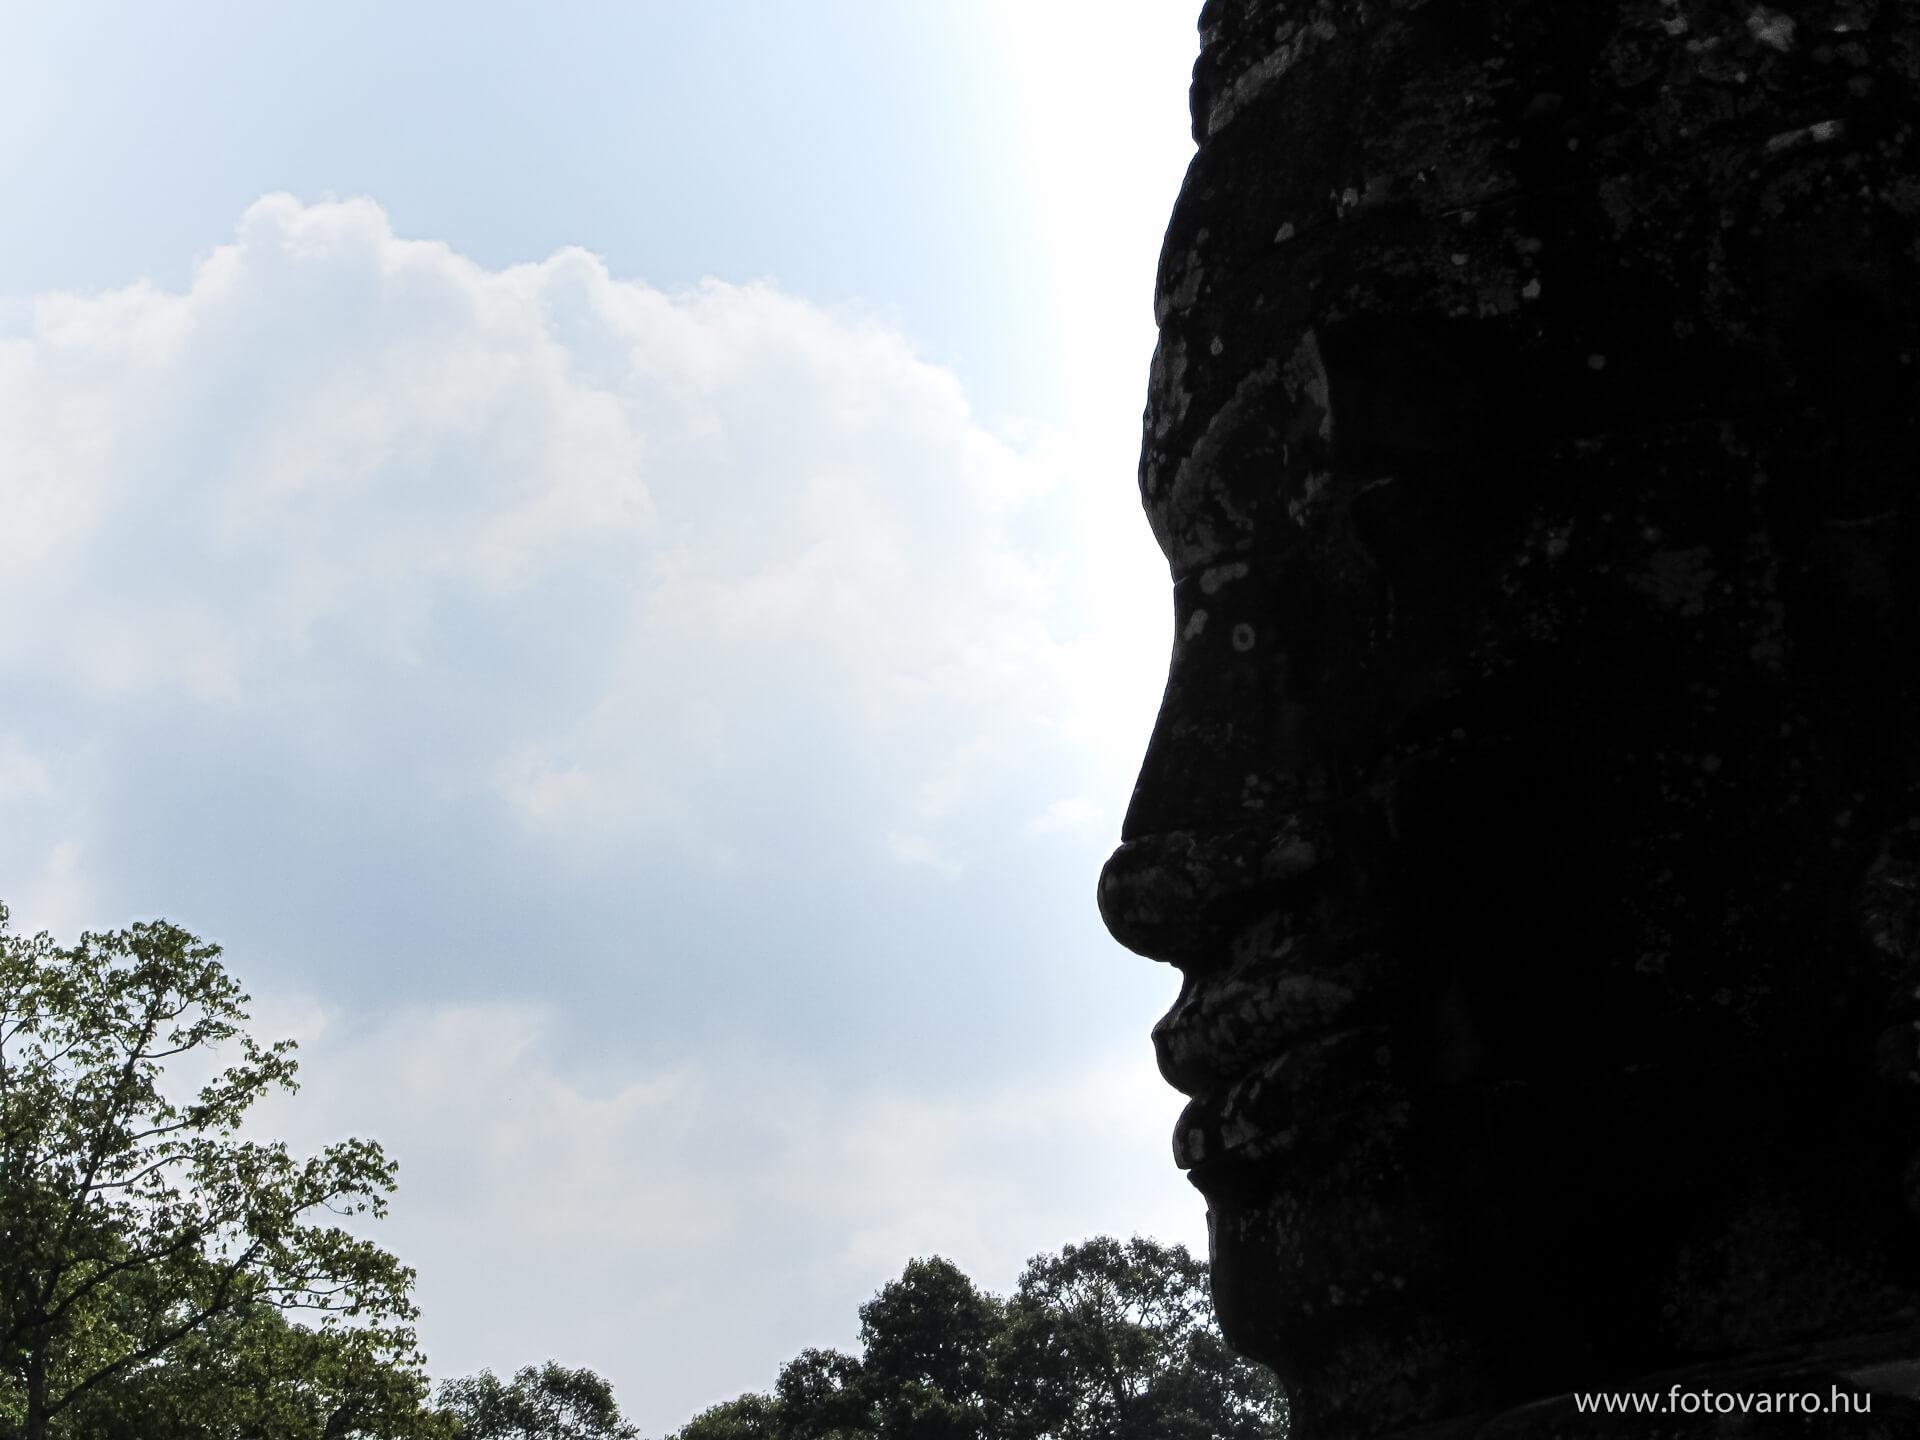 Kambodzsa_fotovarro_18